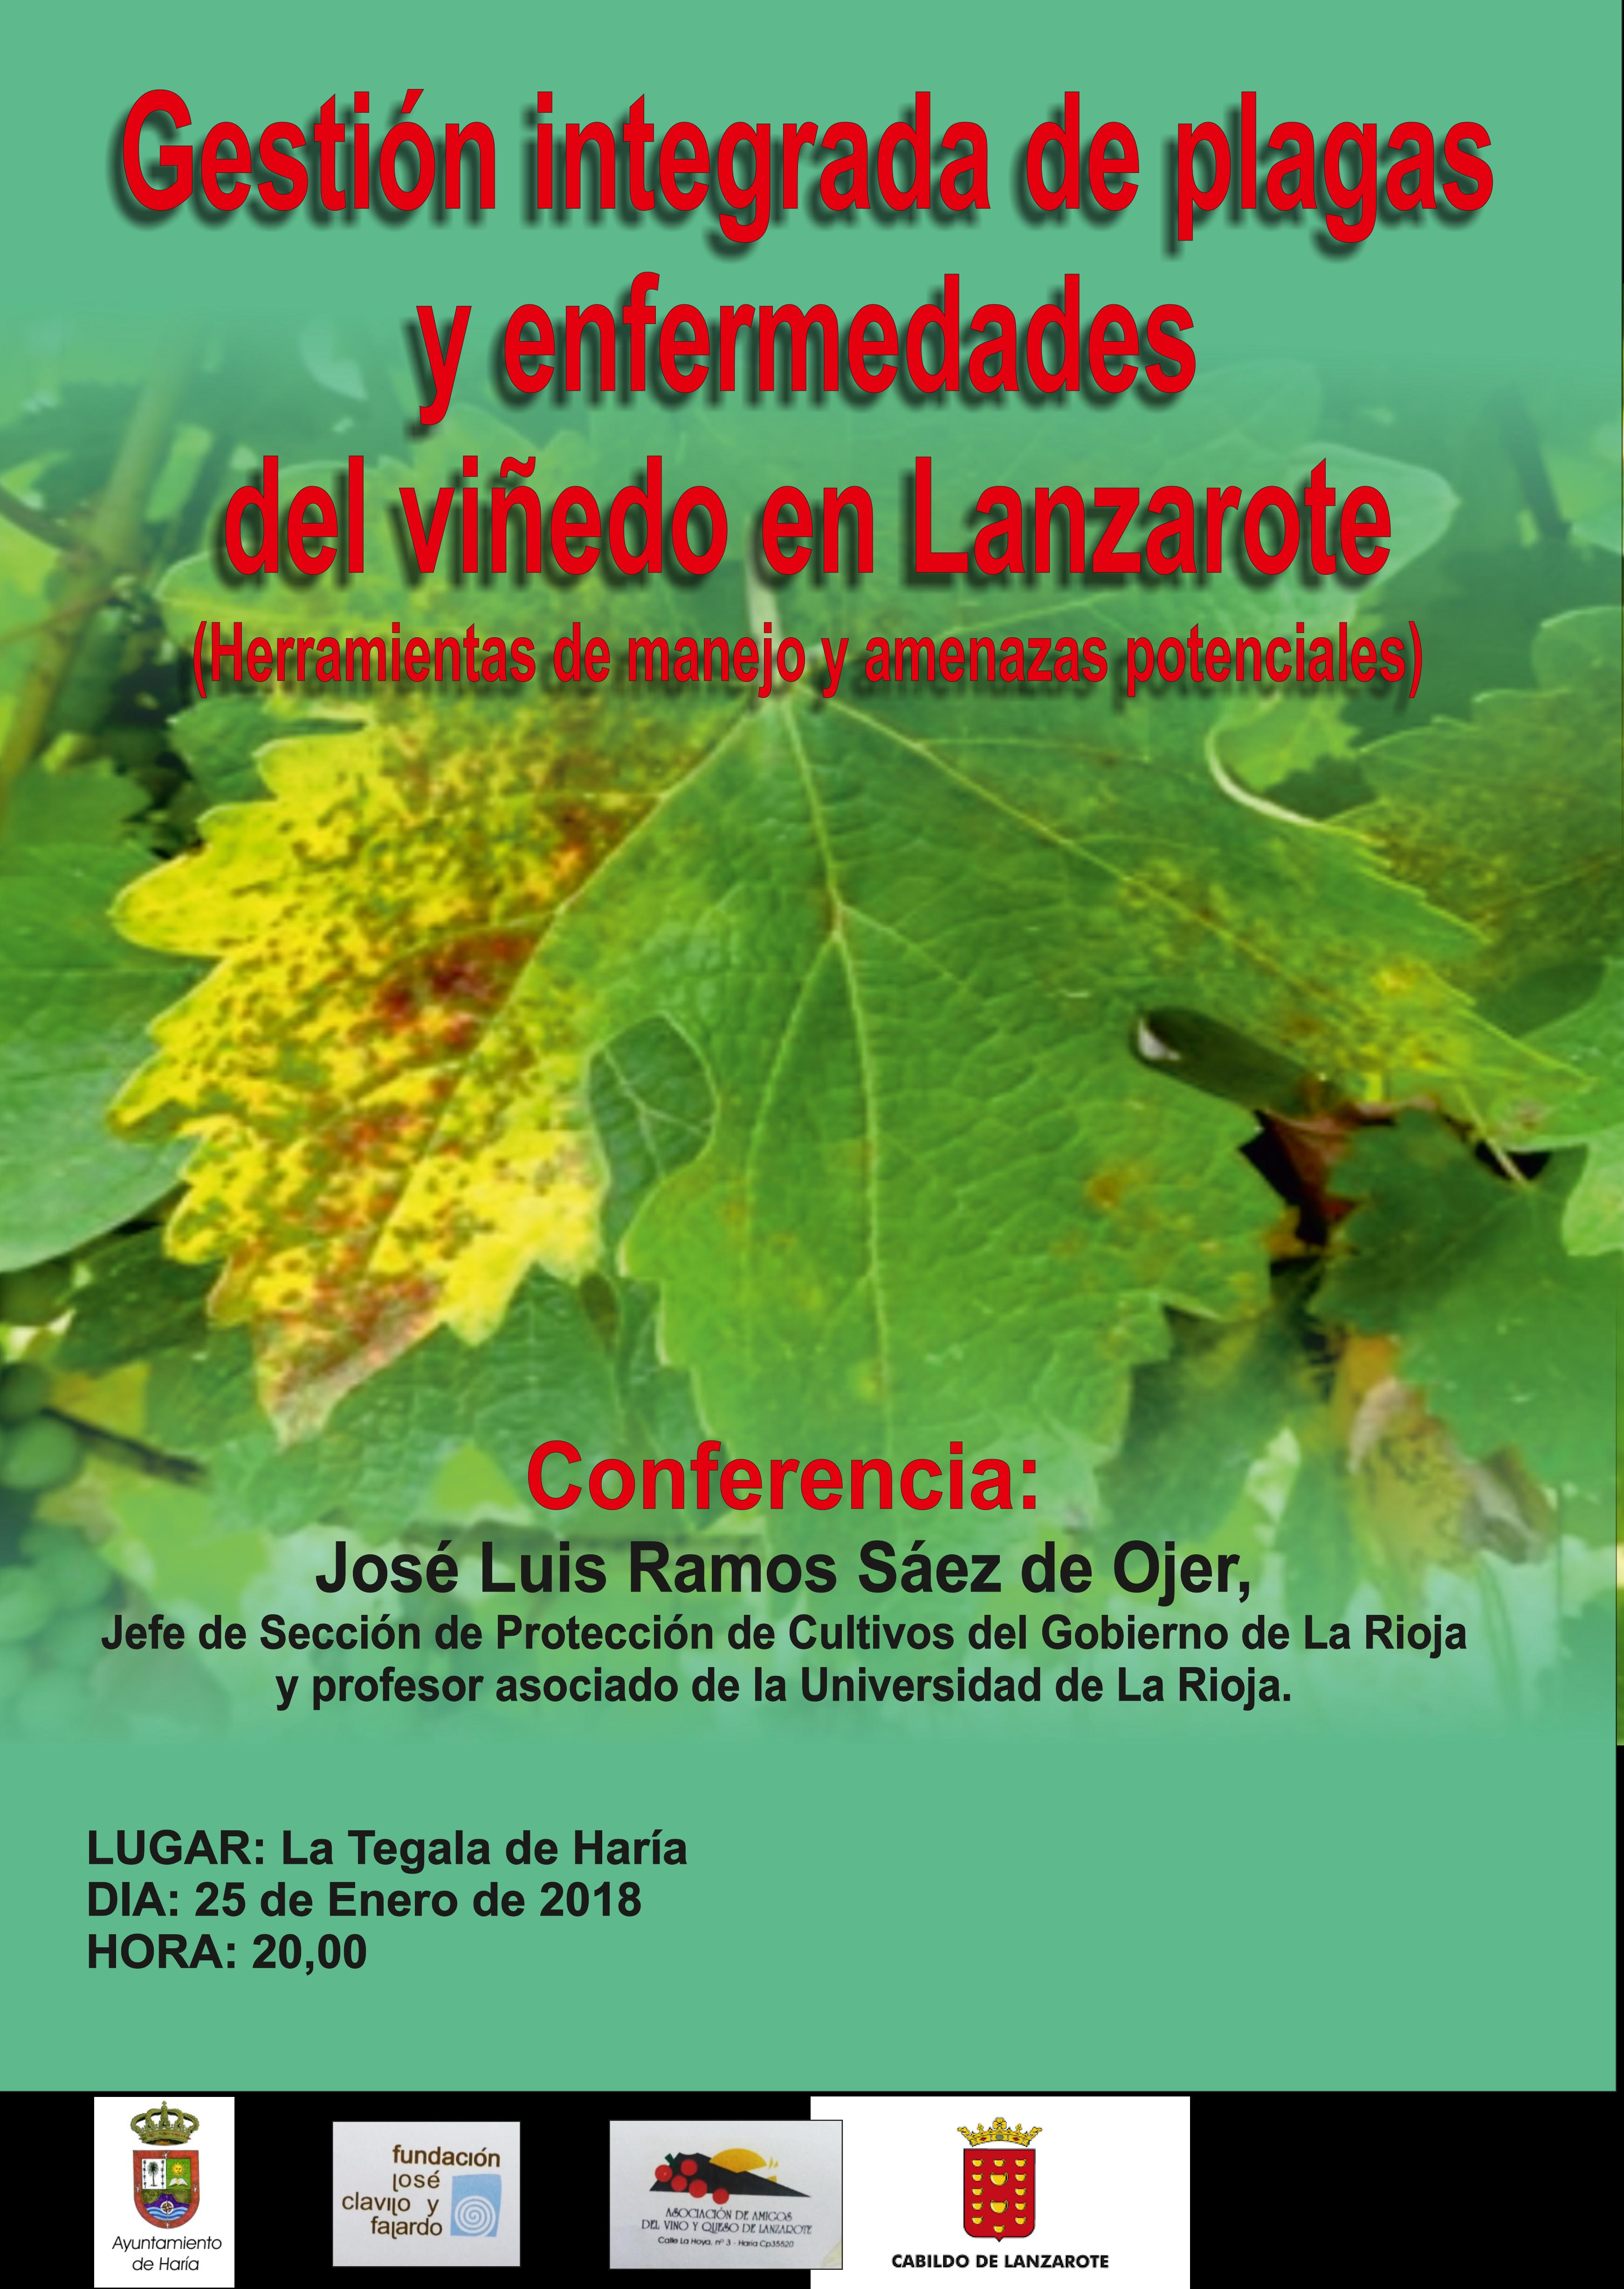 Conferencia de la gestión integrada de plagas y enfermedades del viñedo